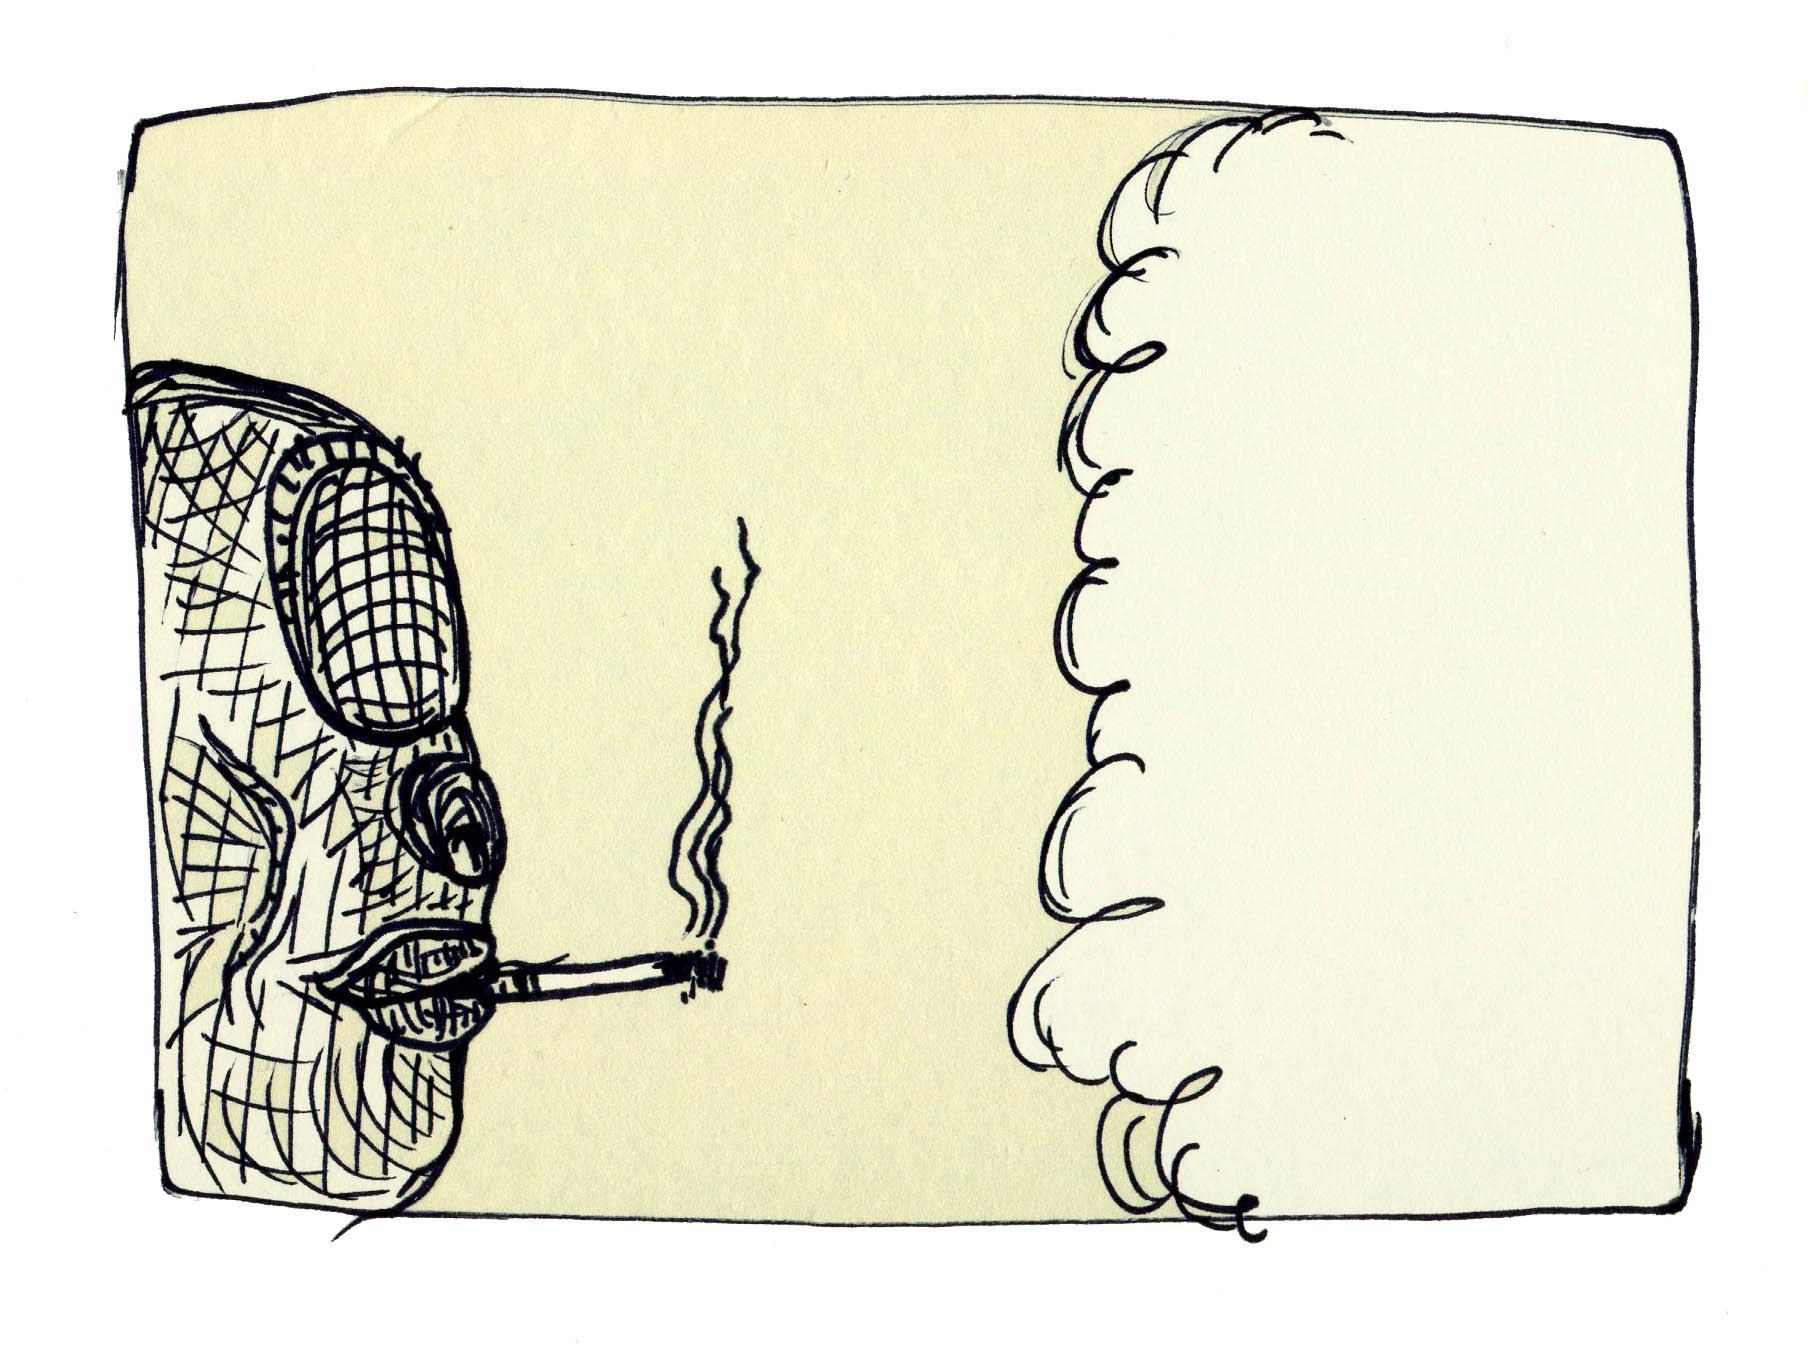 snobby aliens smoking.jpg